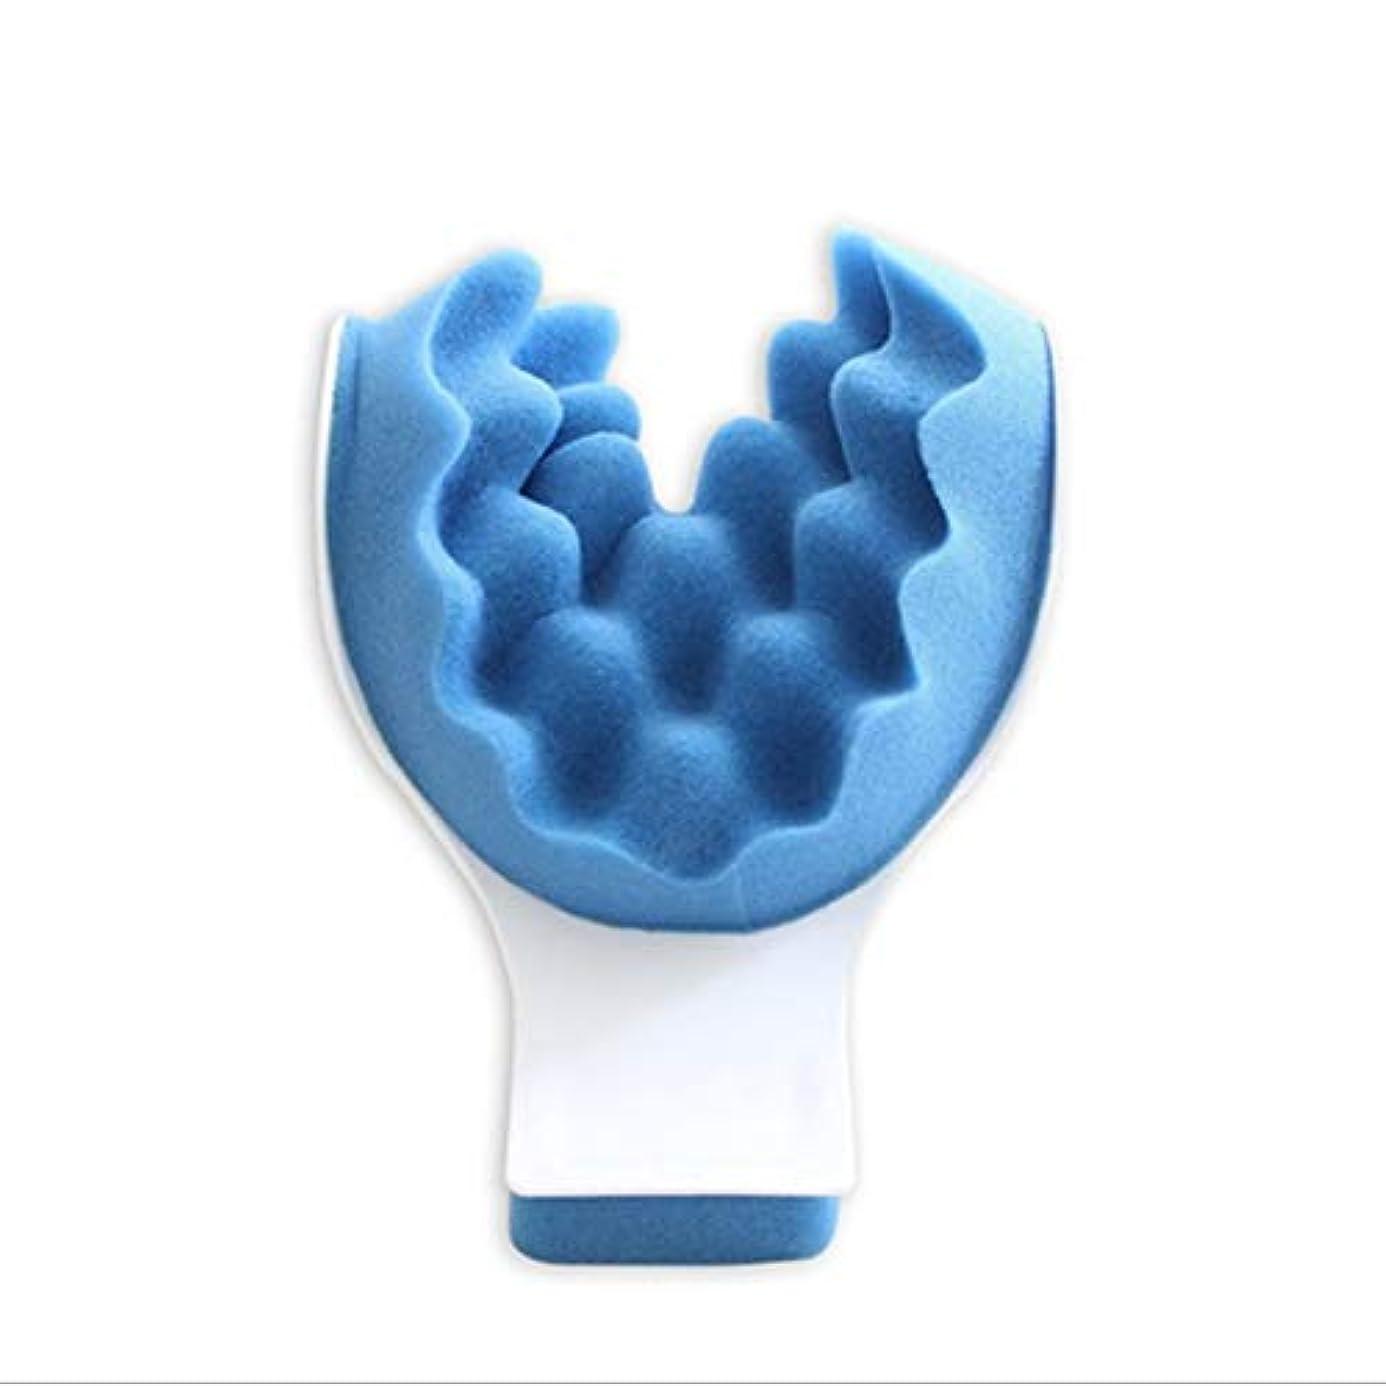 マッスルテンションリリーフタイトネスと痛みの緩和セラピーティックネックサポートテンションリリーフネック&ショルダーリラクサー - ブルー